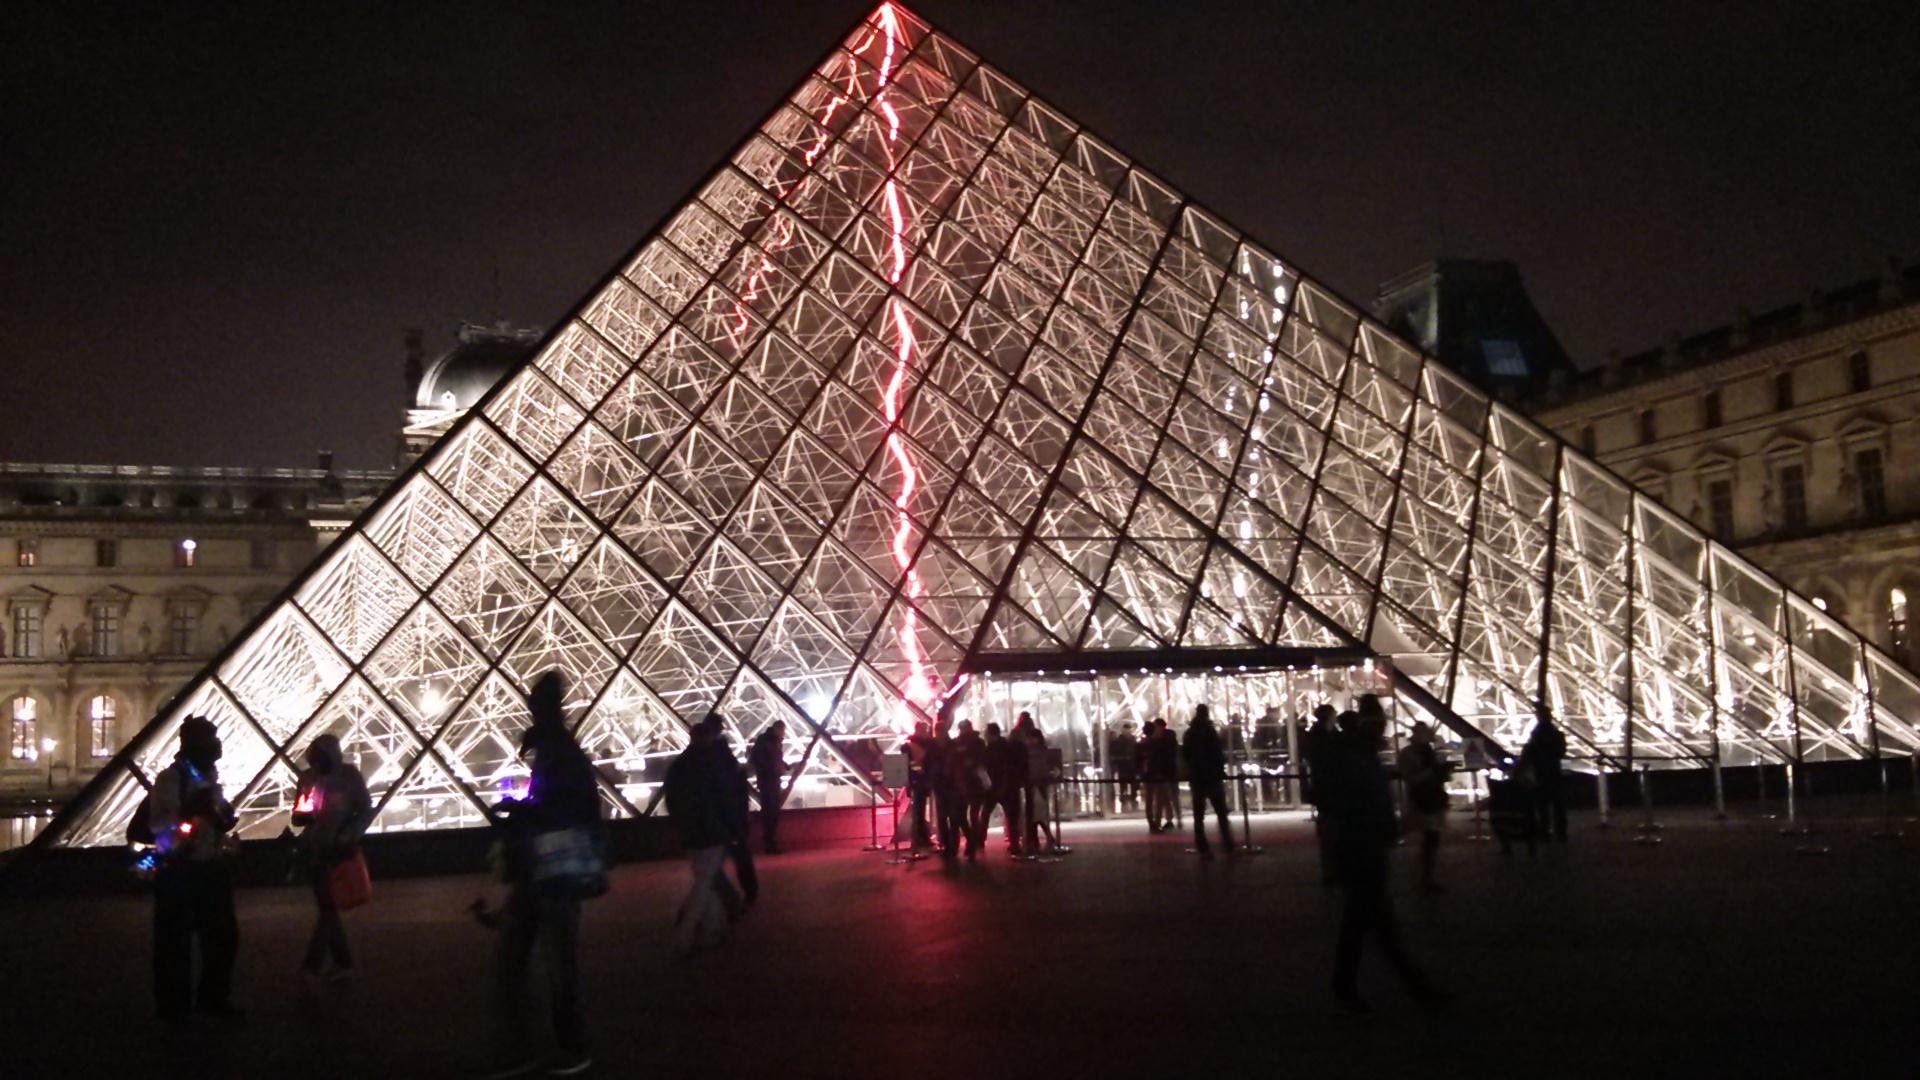 夜のルーブル美術館と日本の技術